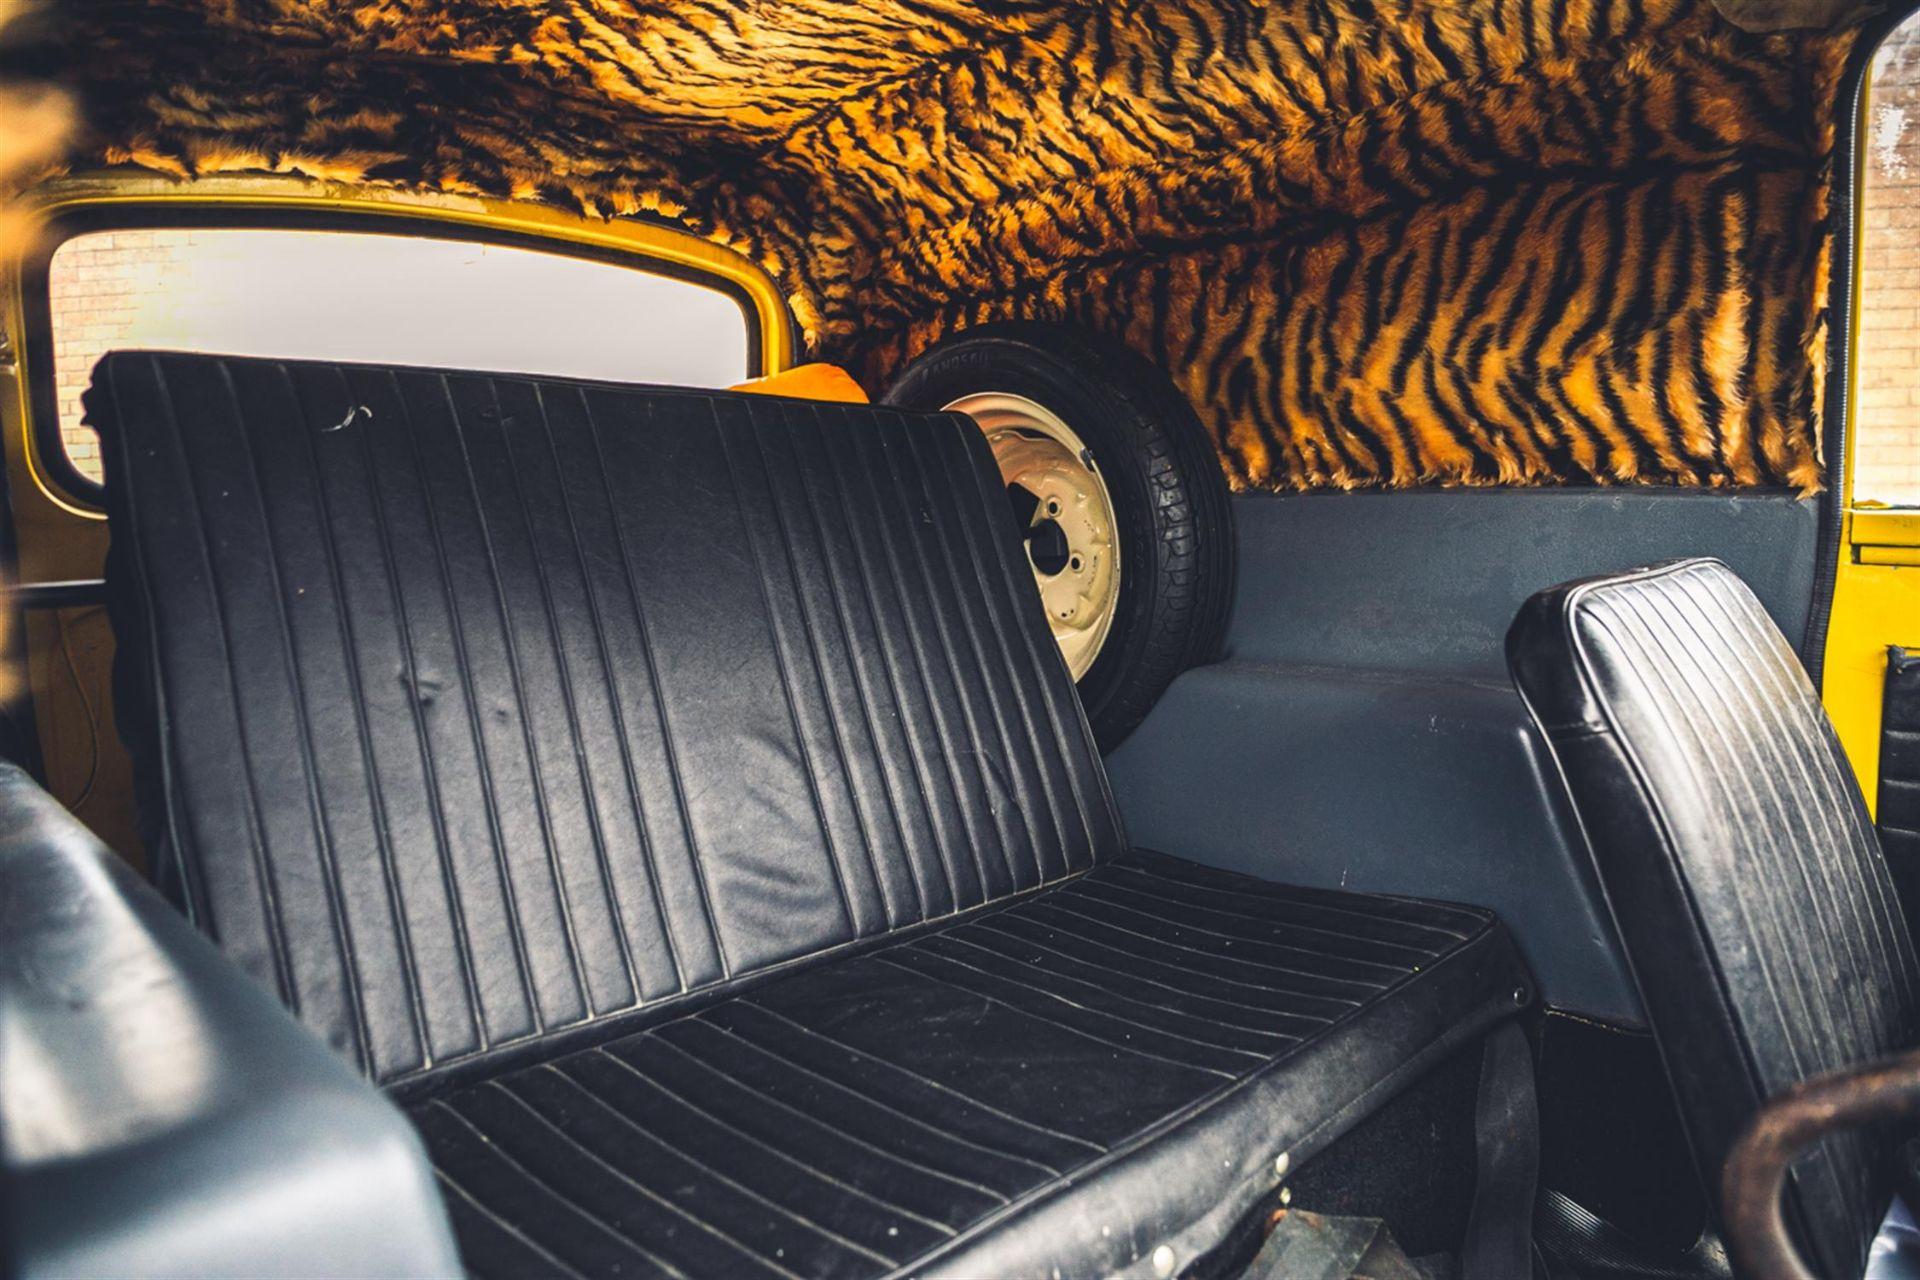 1972 Reliant Regal Supervan III (Trotters Independent Trading Van) - Image 5 of 10